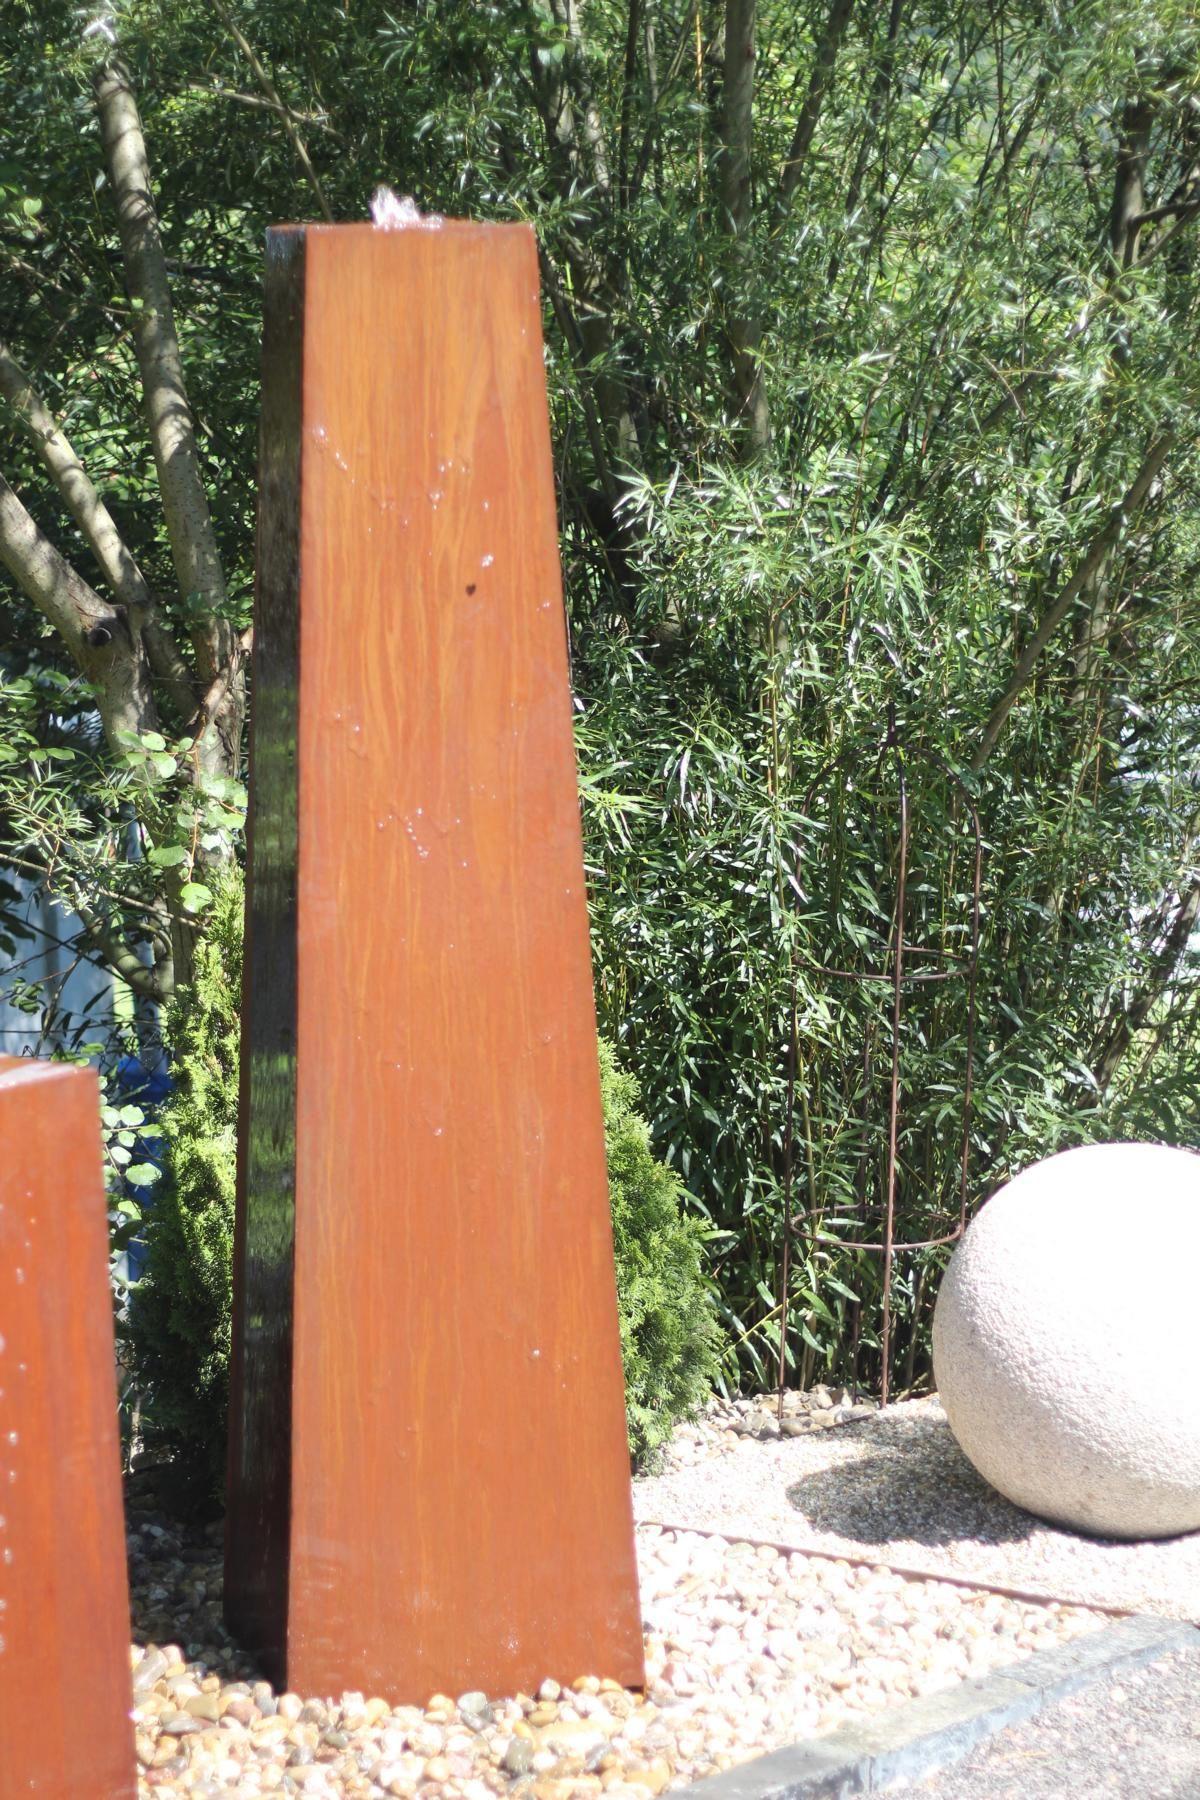 Wasserspiel Brunnen Cortenstahl Konus Saule Rost Edelrost Wasser Im Garten Ausstellung Brunnenschmiede De Edelrost Cortenstahl Gartenbrunnen